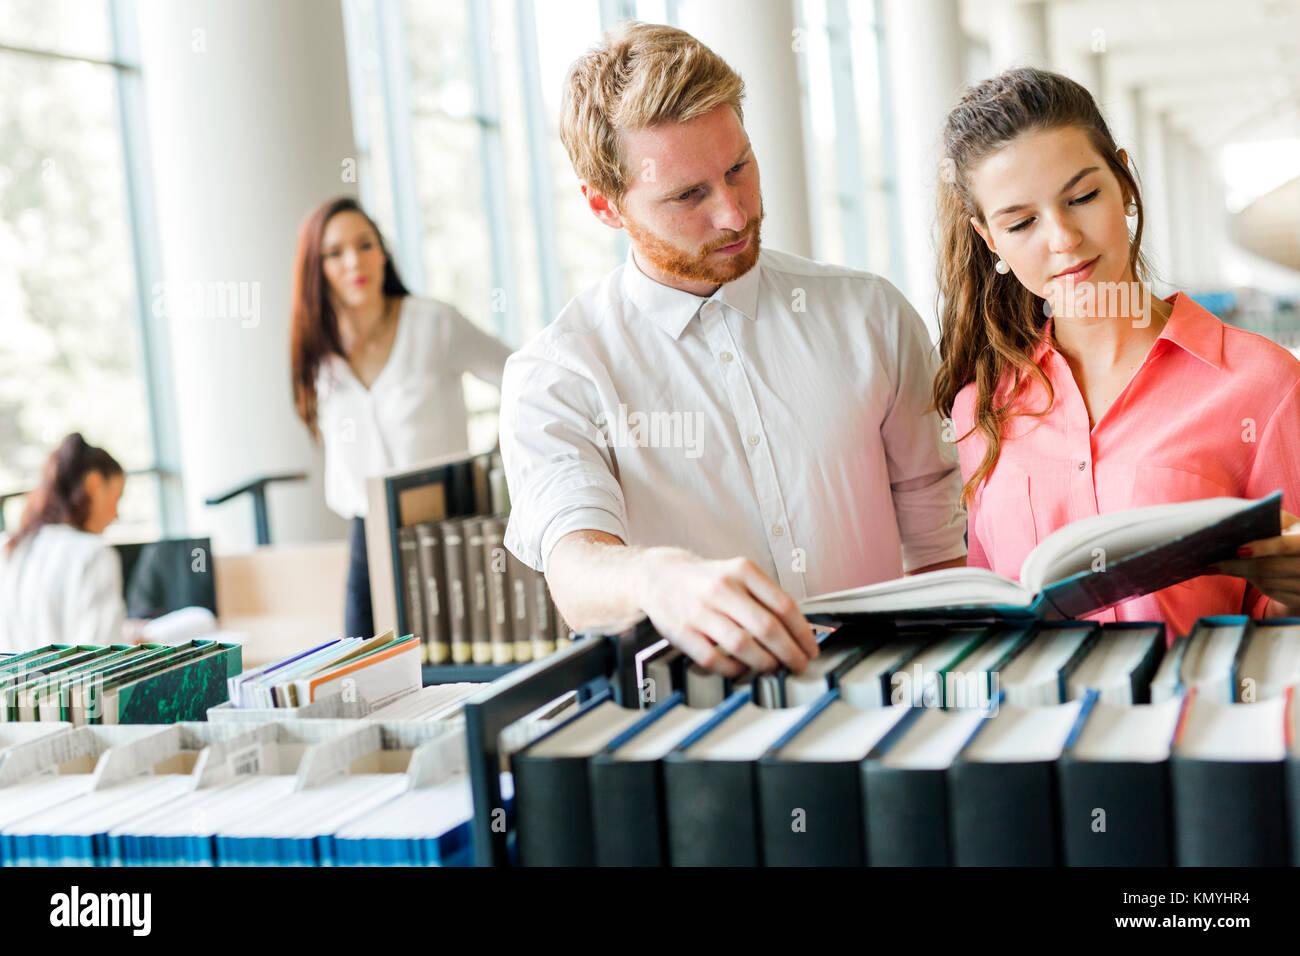 Dos estudiantes leyendo y estudiando en la biblioteca Imagen De Stock